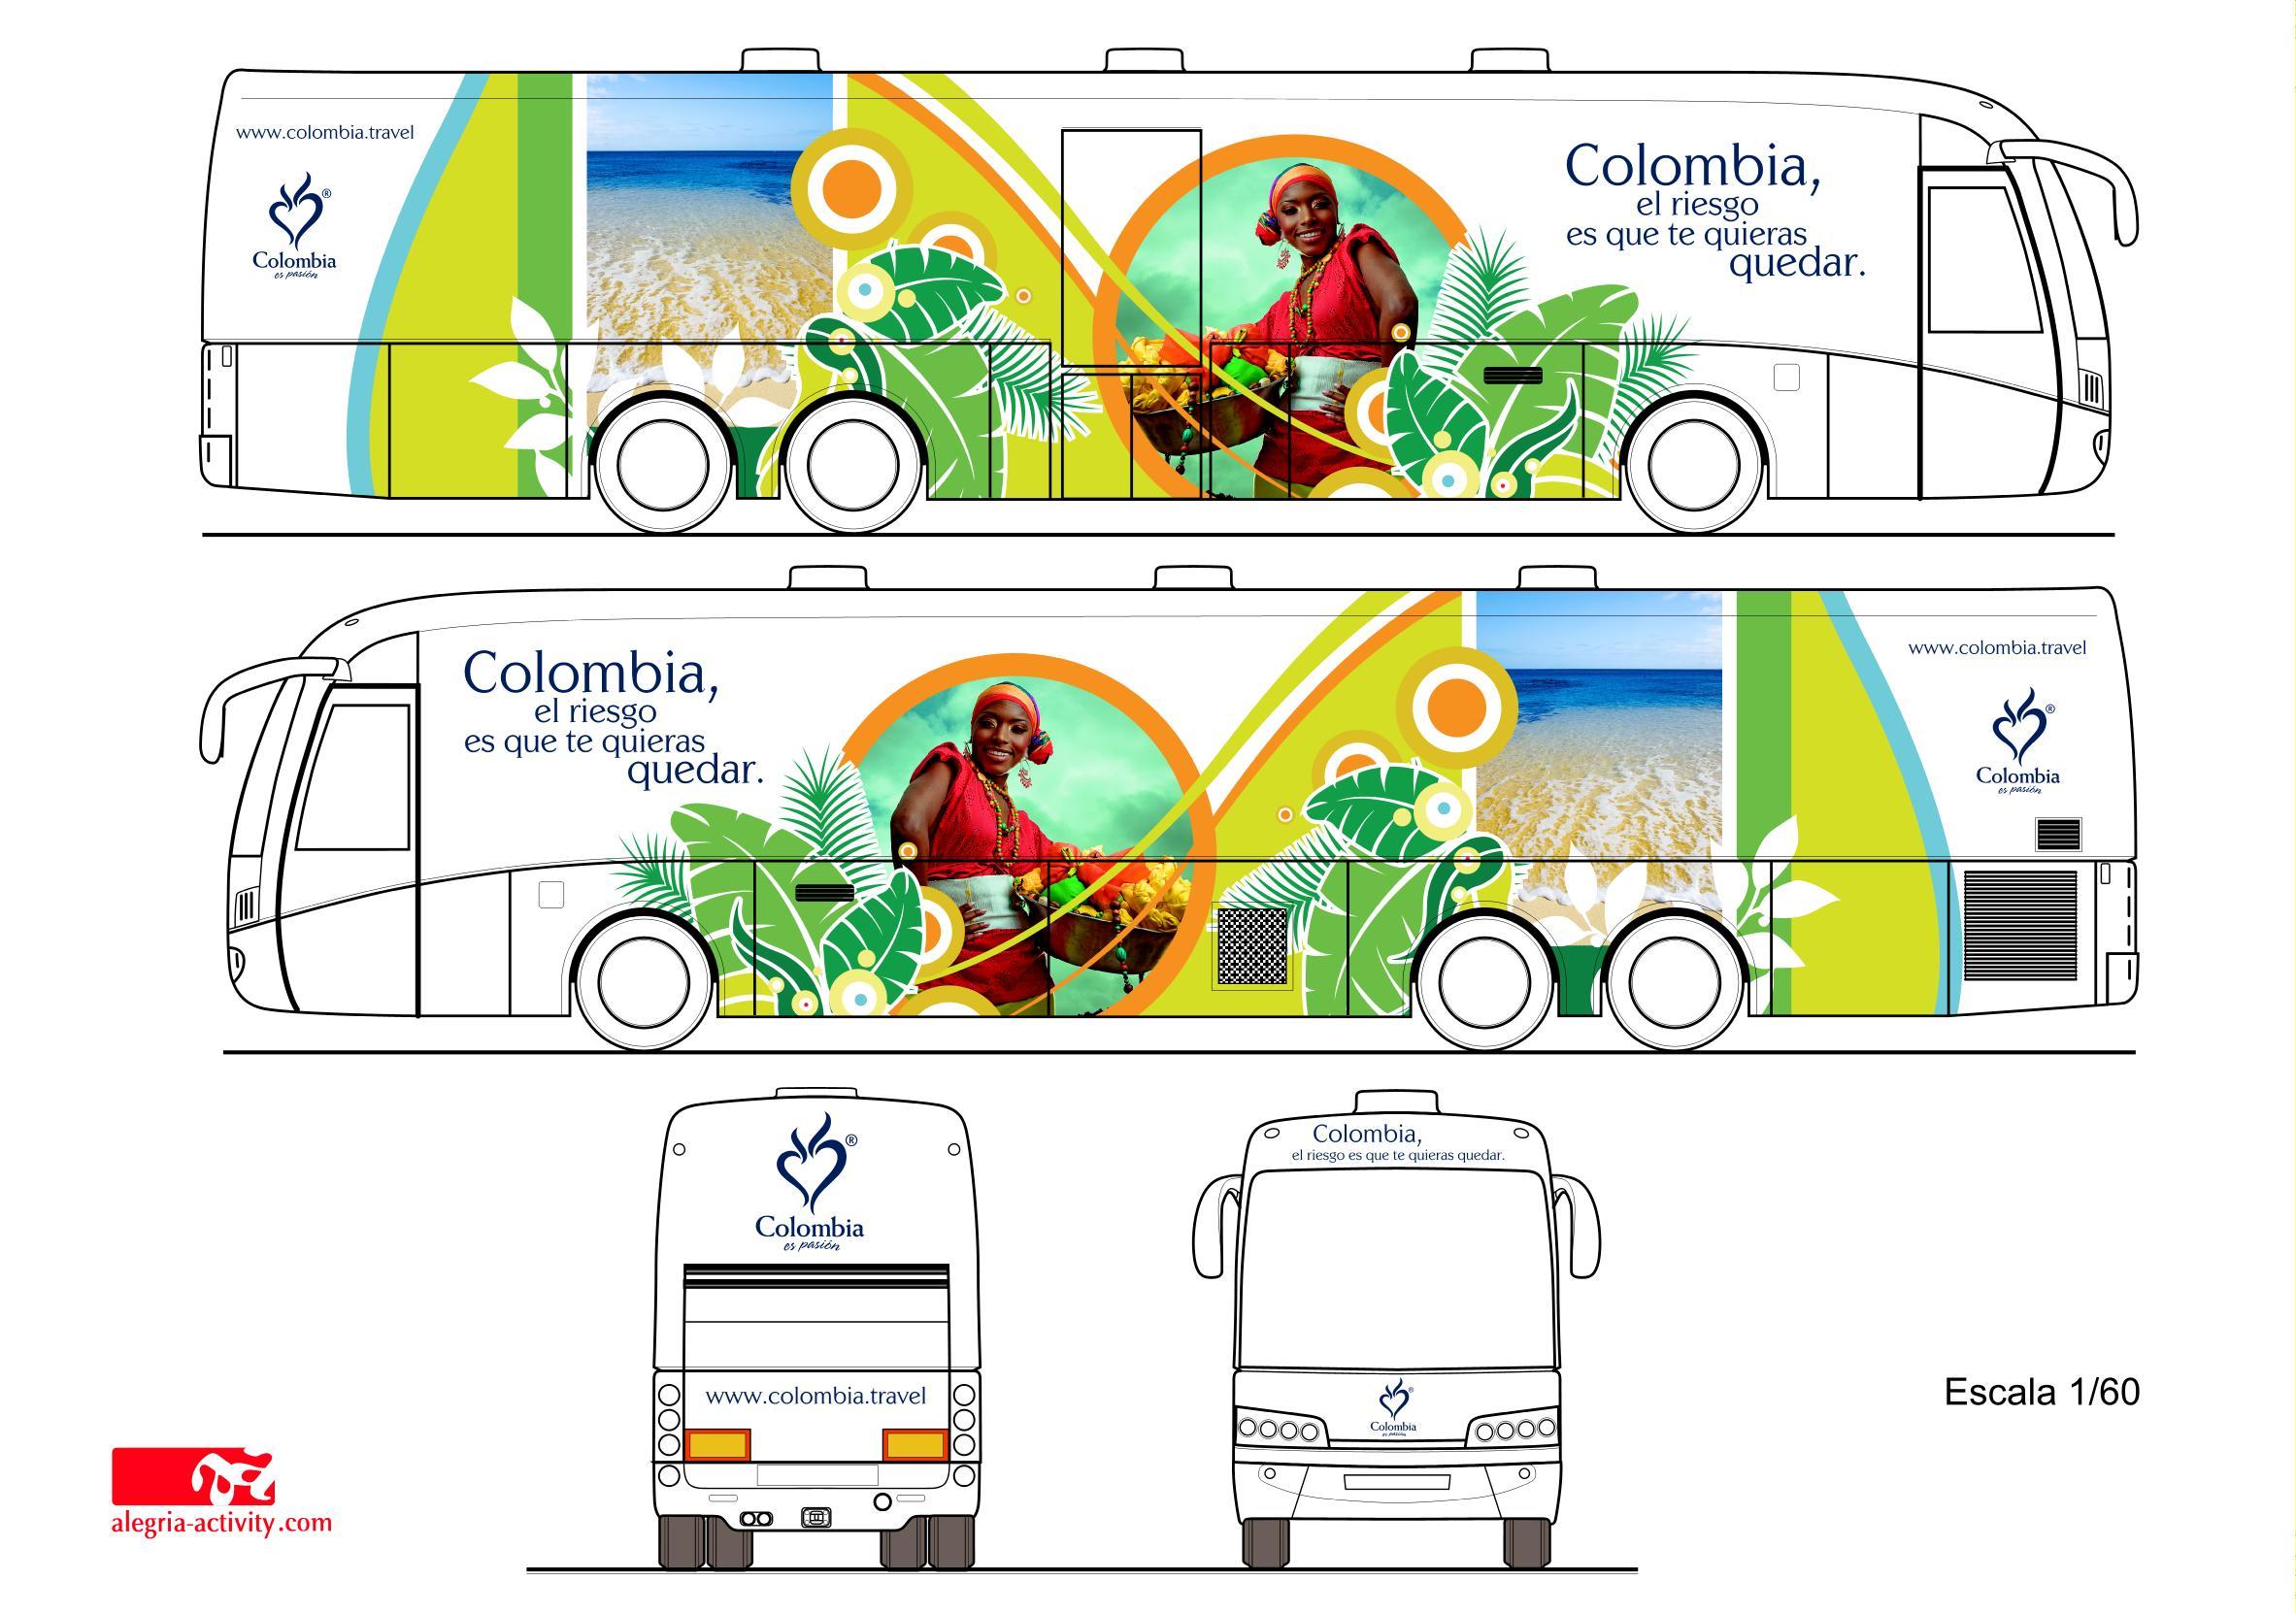 Parte exterior del bus de turismo colombiano